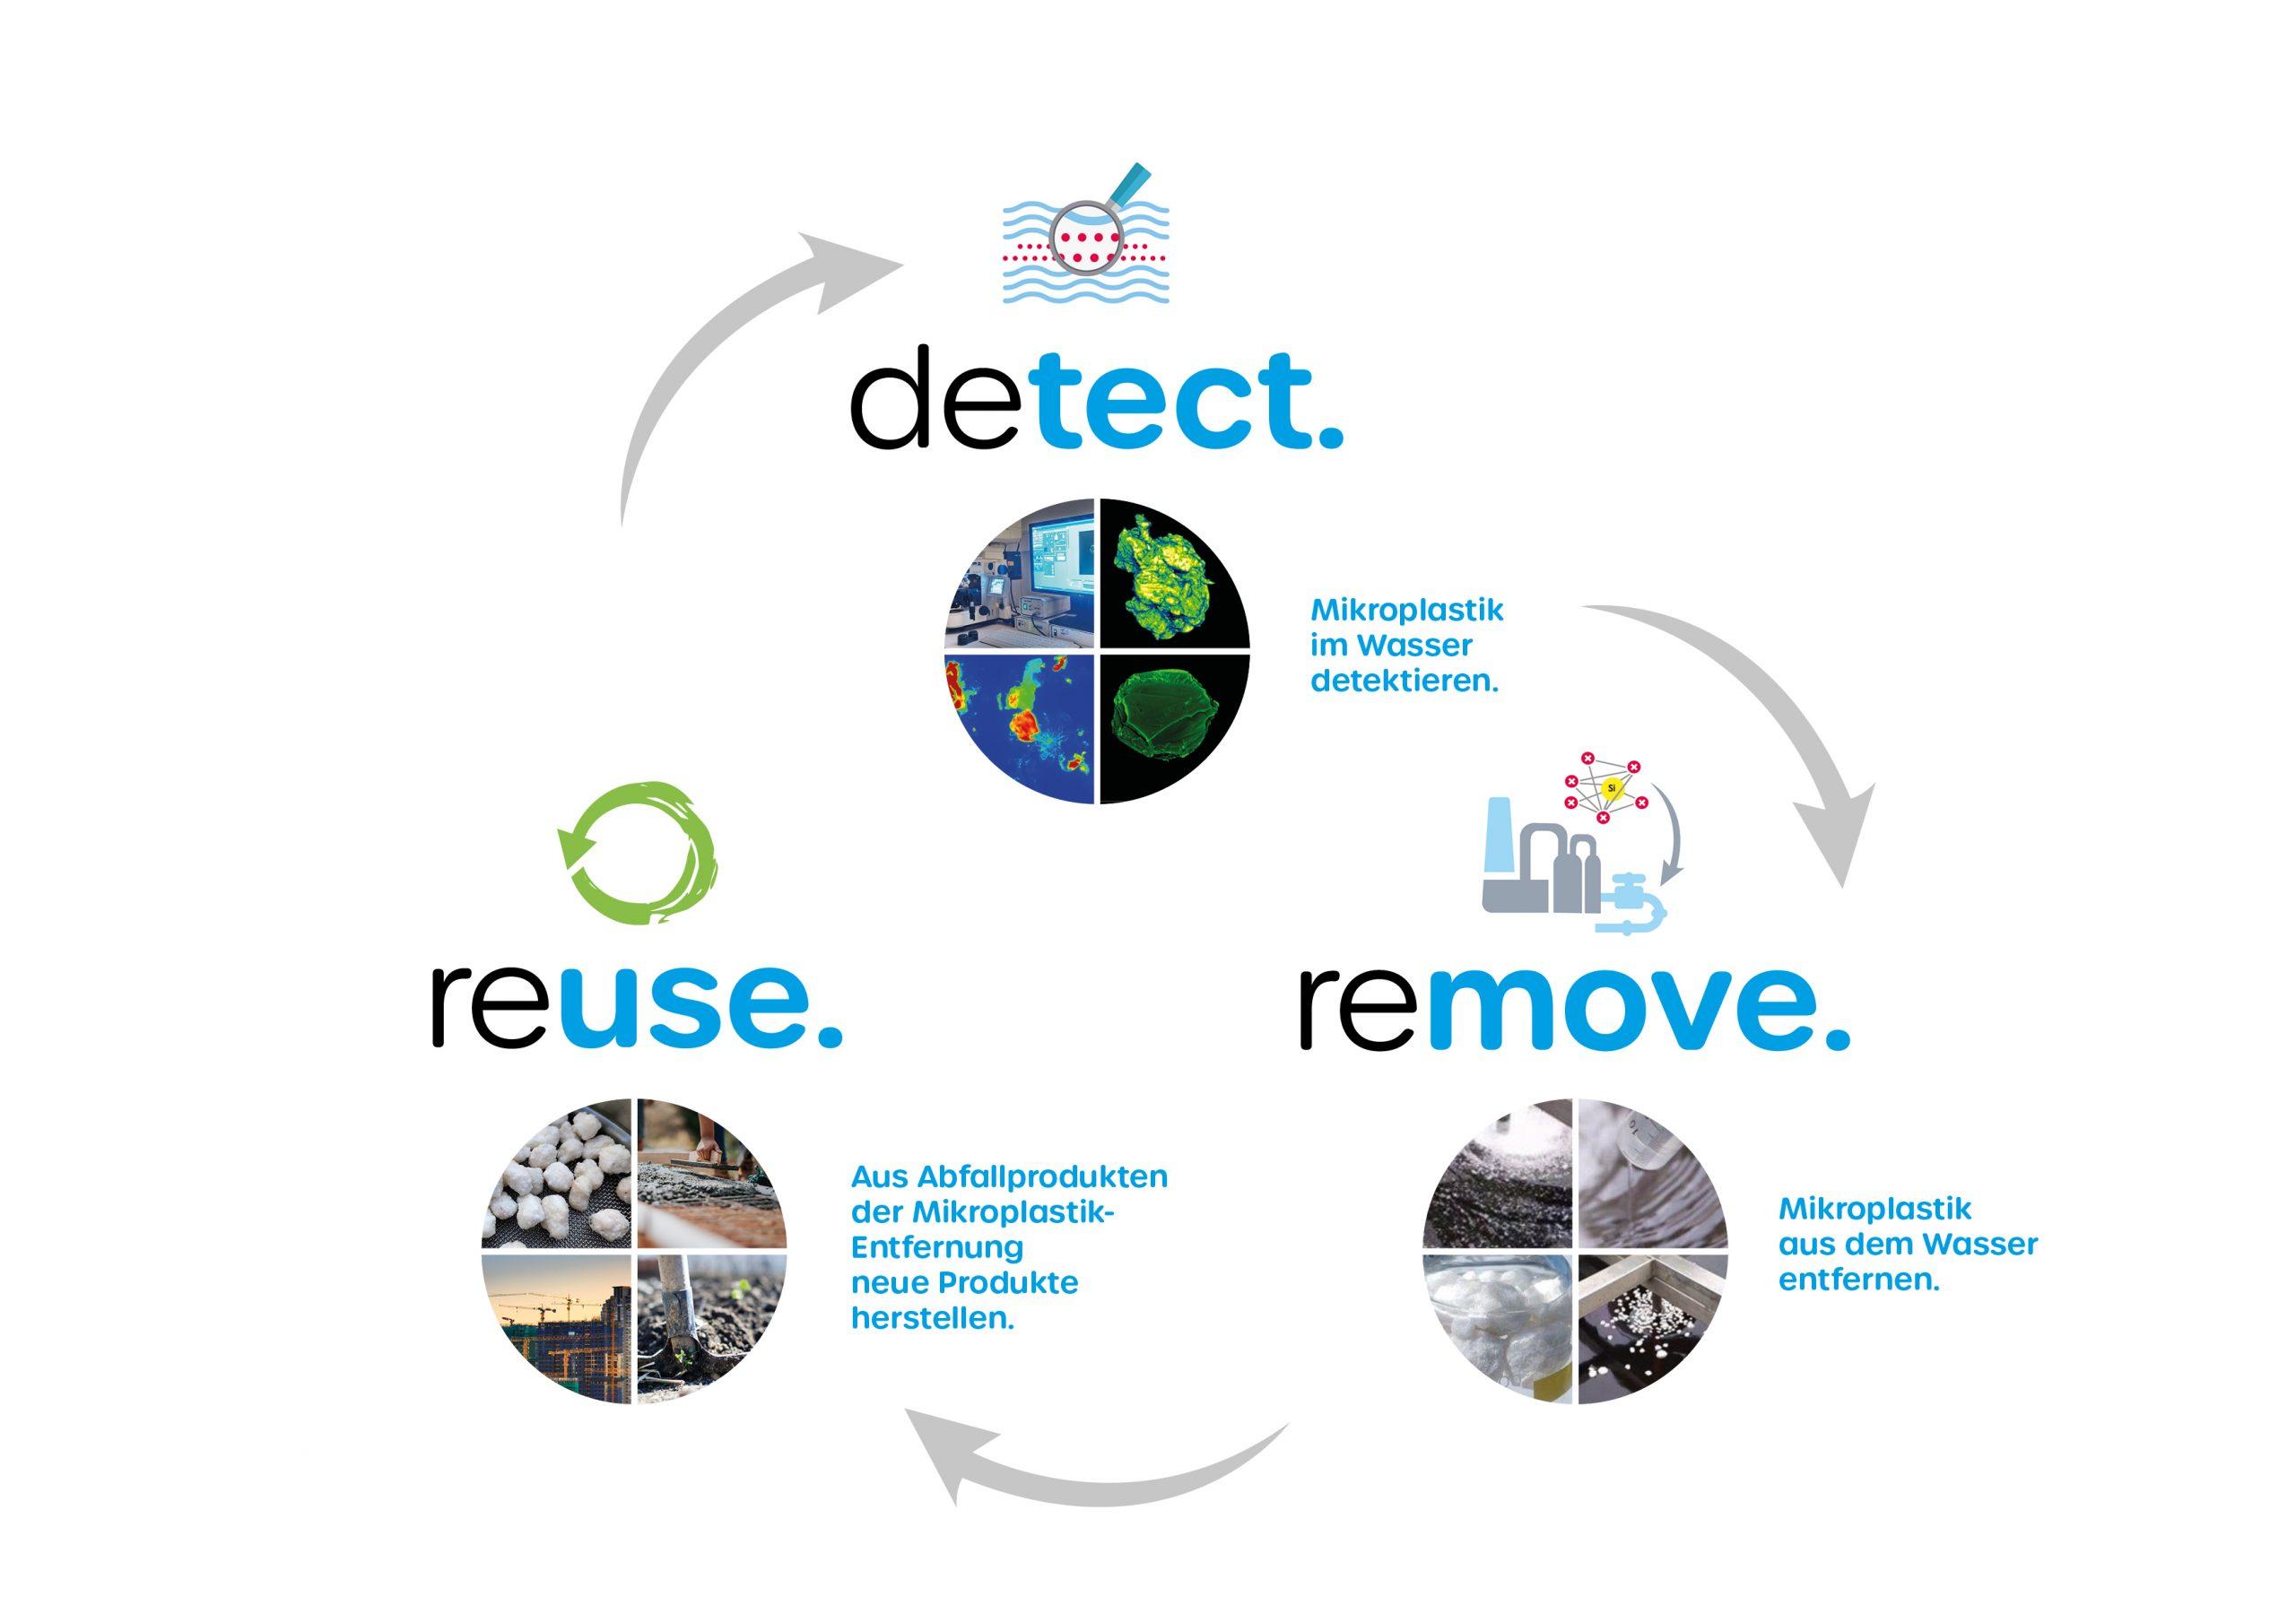 detectremovereuse beschreibt die Wasser 3.0 im Bereich circular economy. Nur wer den Kreislauf schließt, arbeitet nachhaltig. Die Wiederverwertung unserer Agglomerate erforschen wir bei reuse.